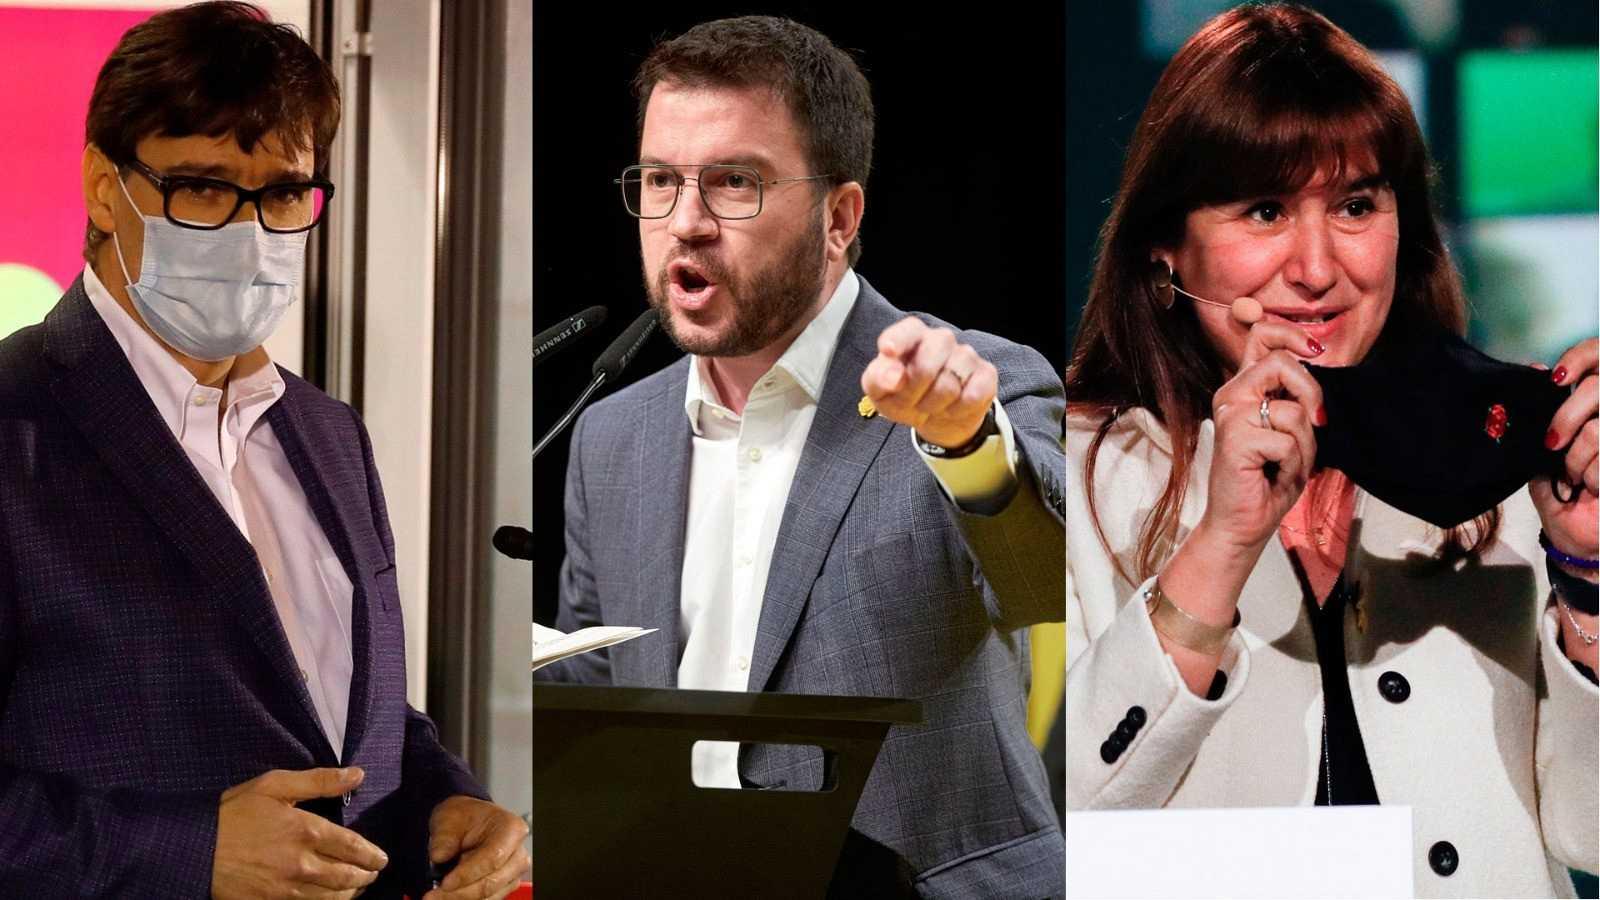 Los independentistas catalanes, listos para renovarse en el poder tras comicios regionales